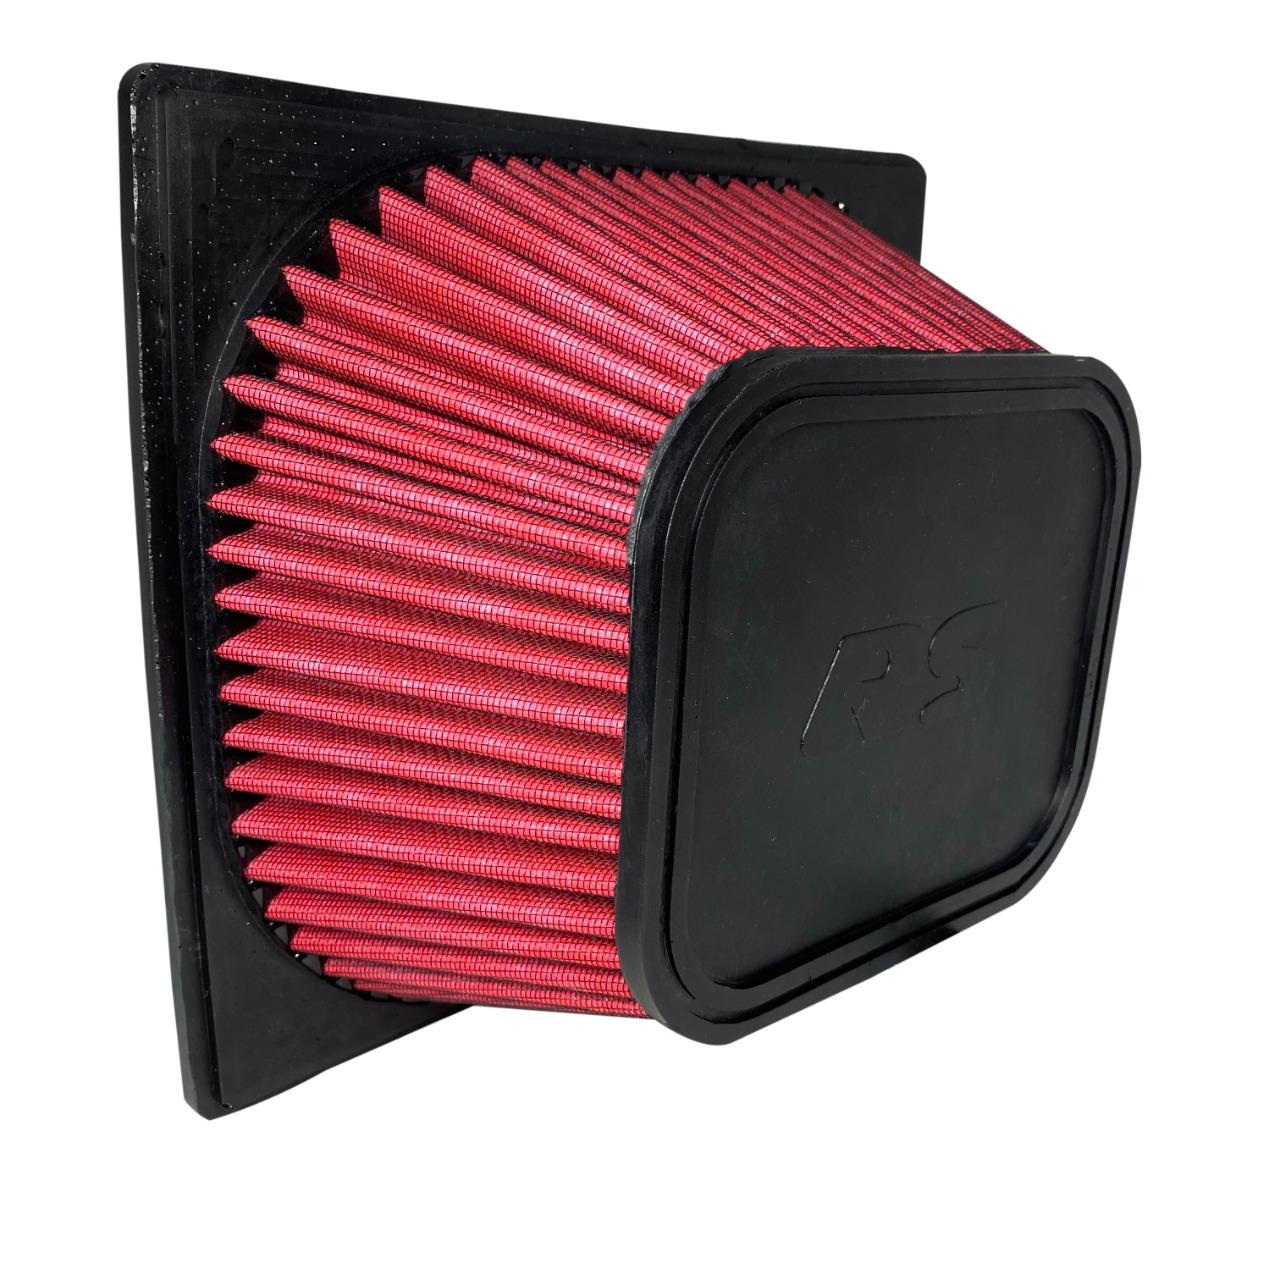 RAM 2500 6.7 TURBO DIESEL 310CV - 2012